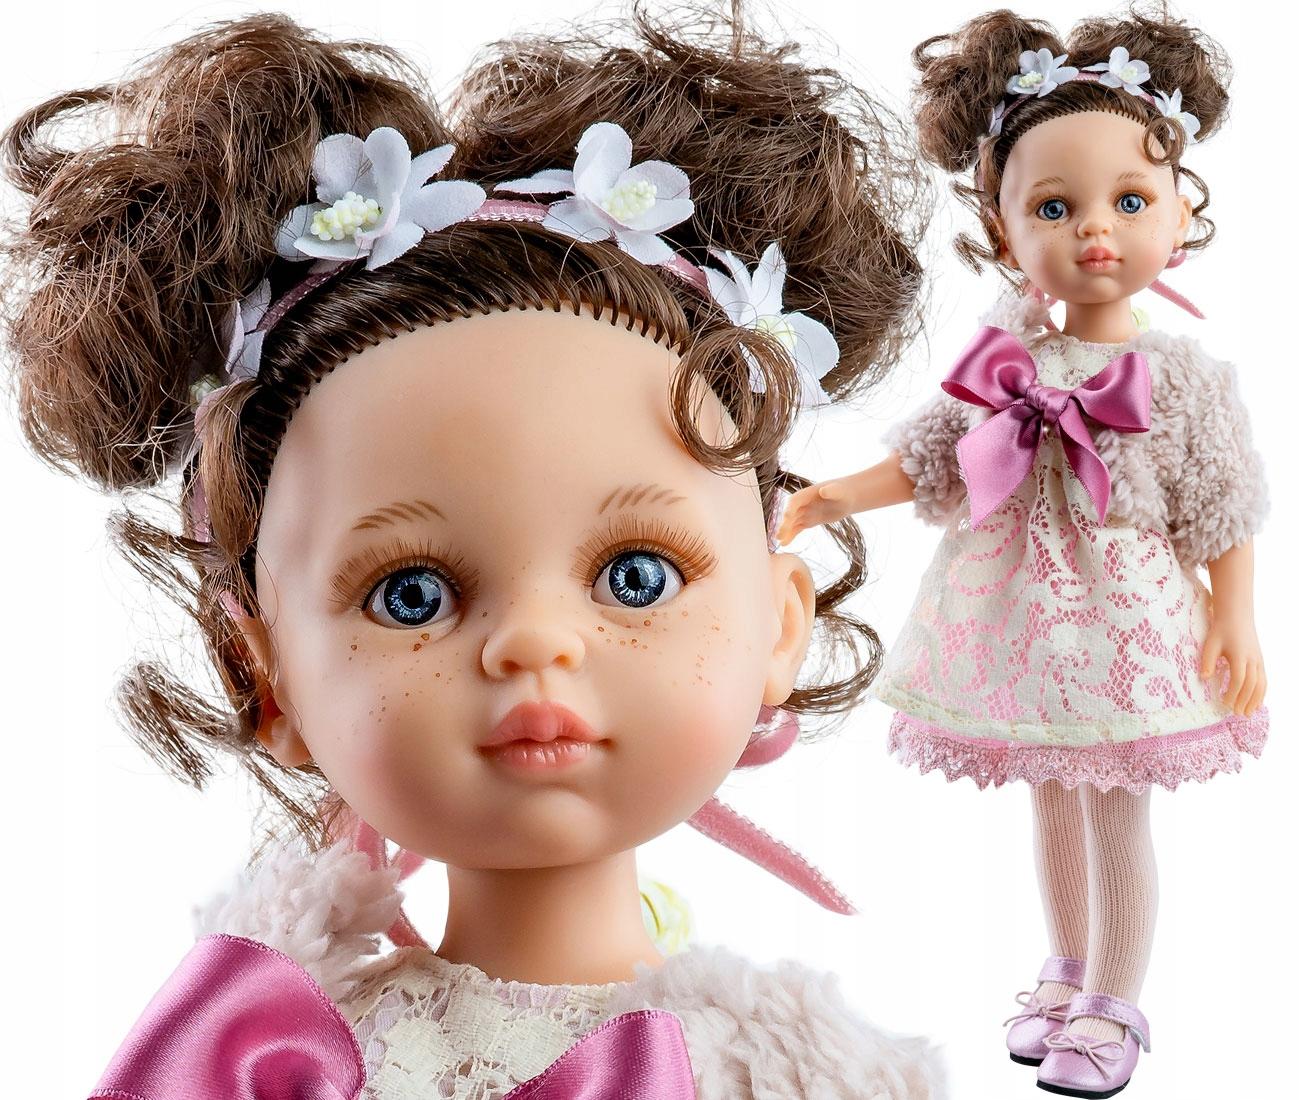 Španielska bábika Paola Reina Amiga 04428 32 cm